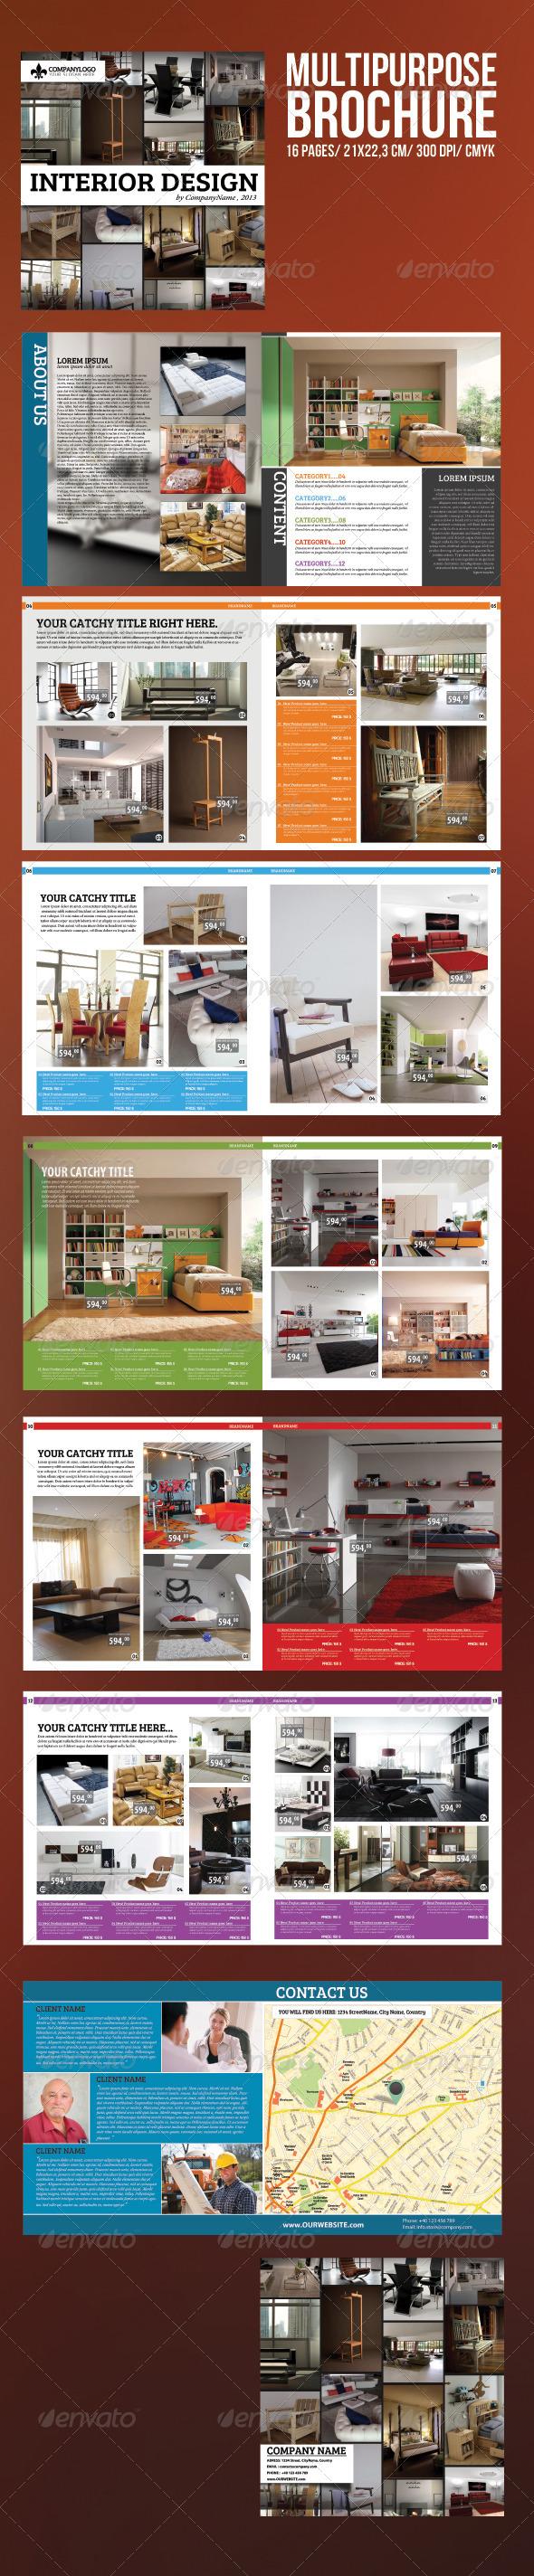 GraphicRiver Multipurpose Brochure Template 3536623